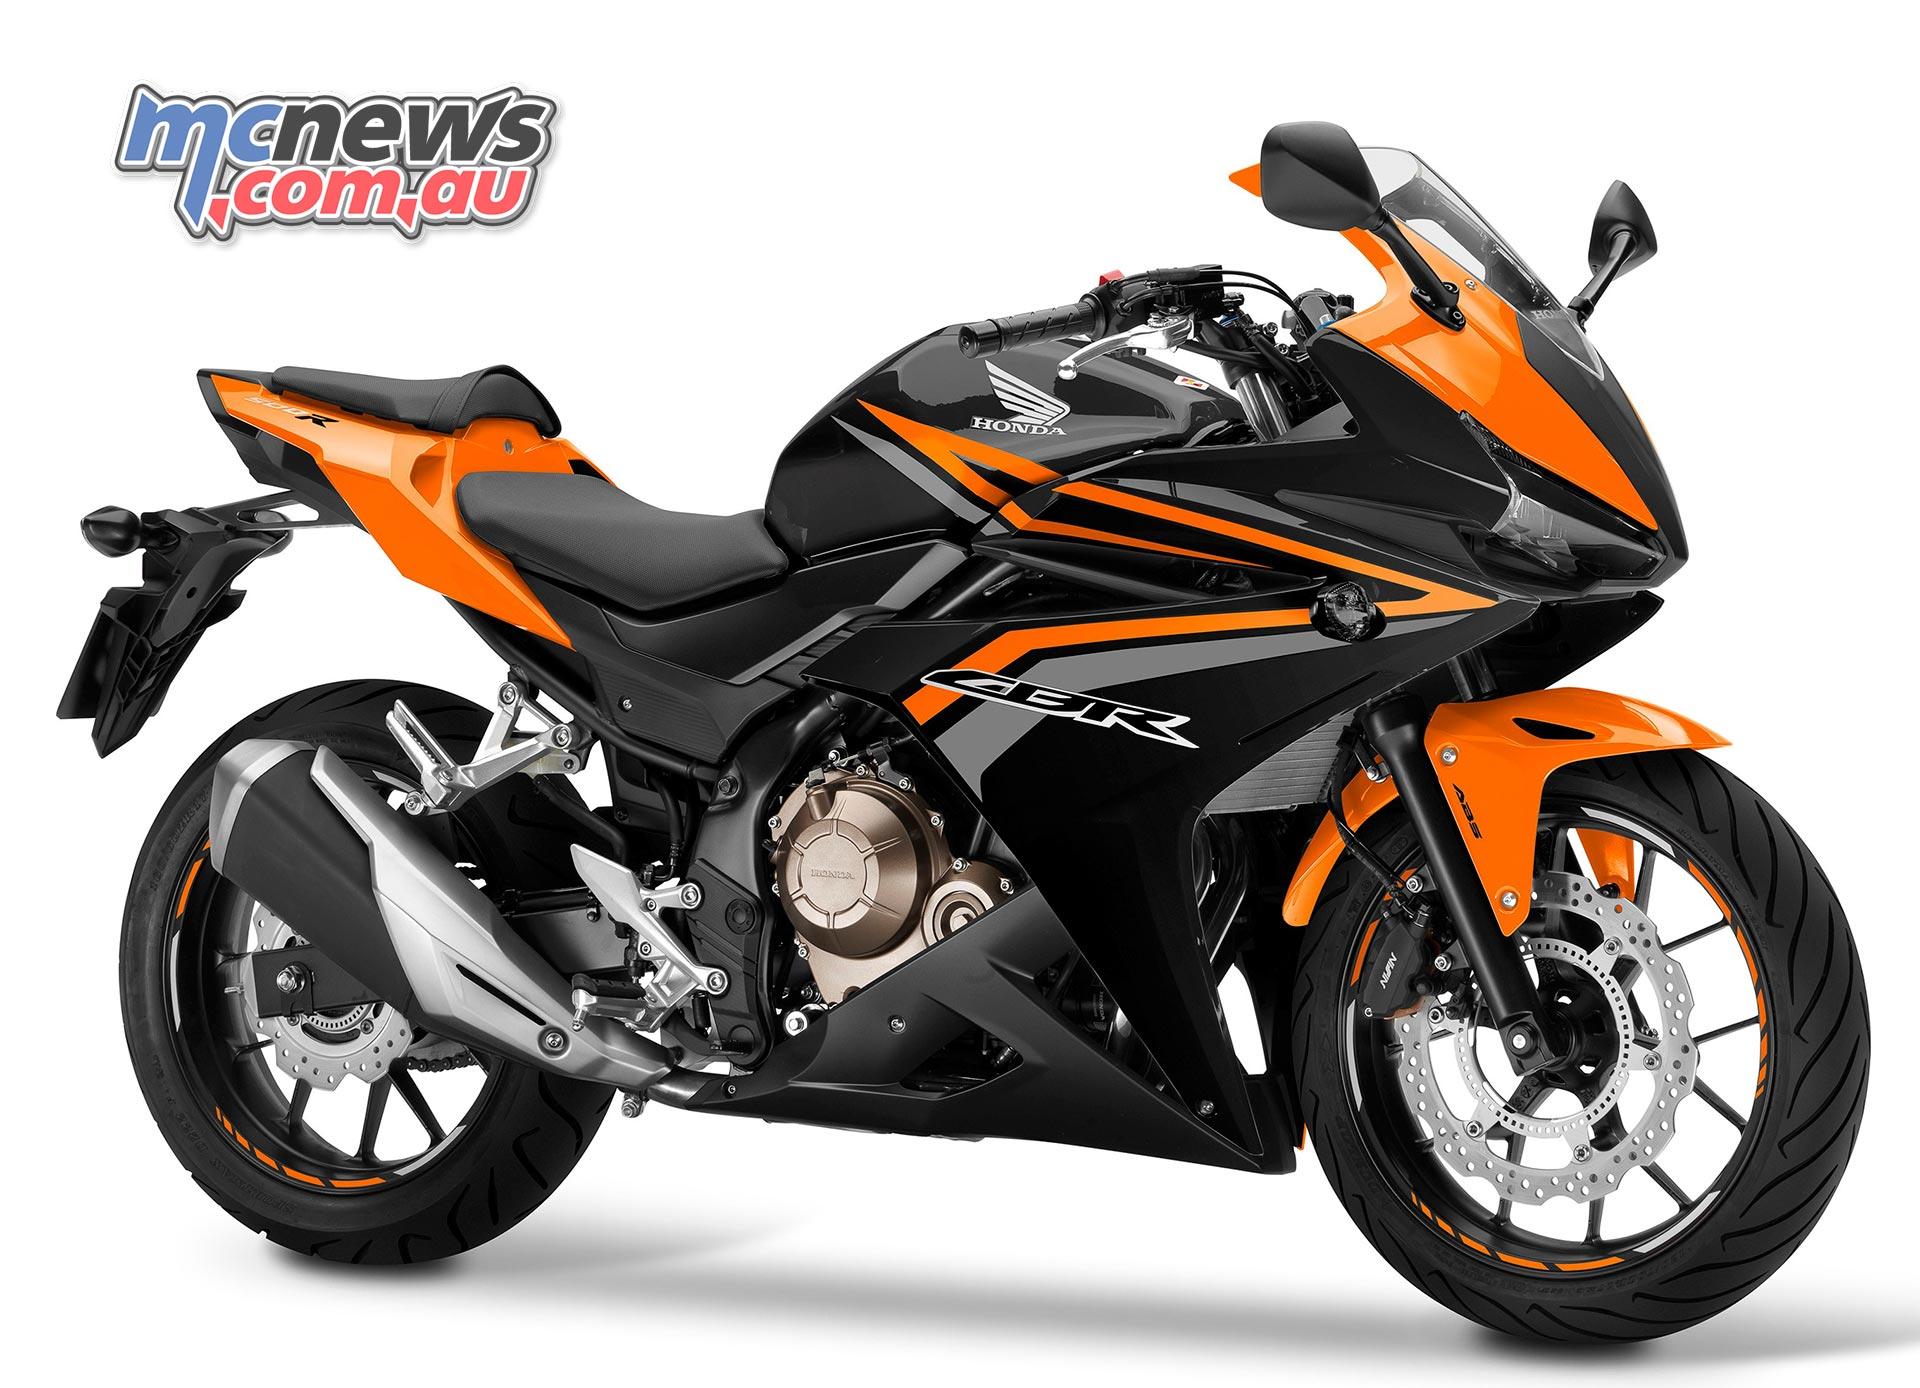 New 2016 Honda Cbr500r Released Mcnews Com Au